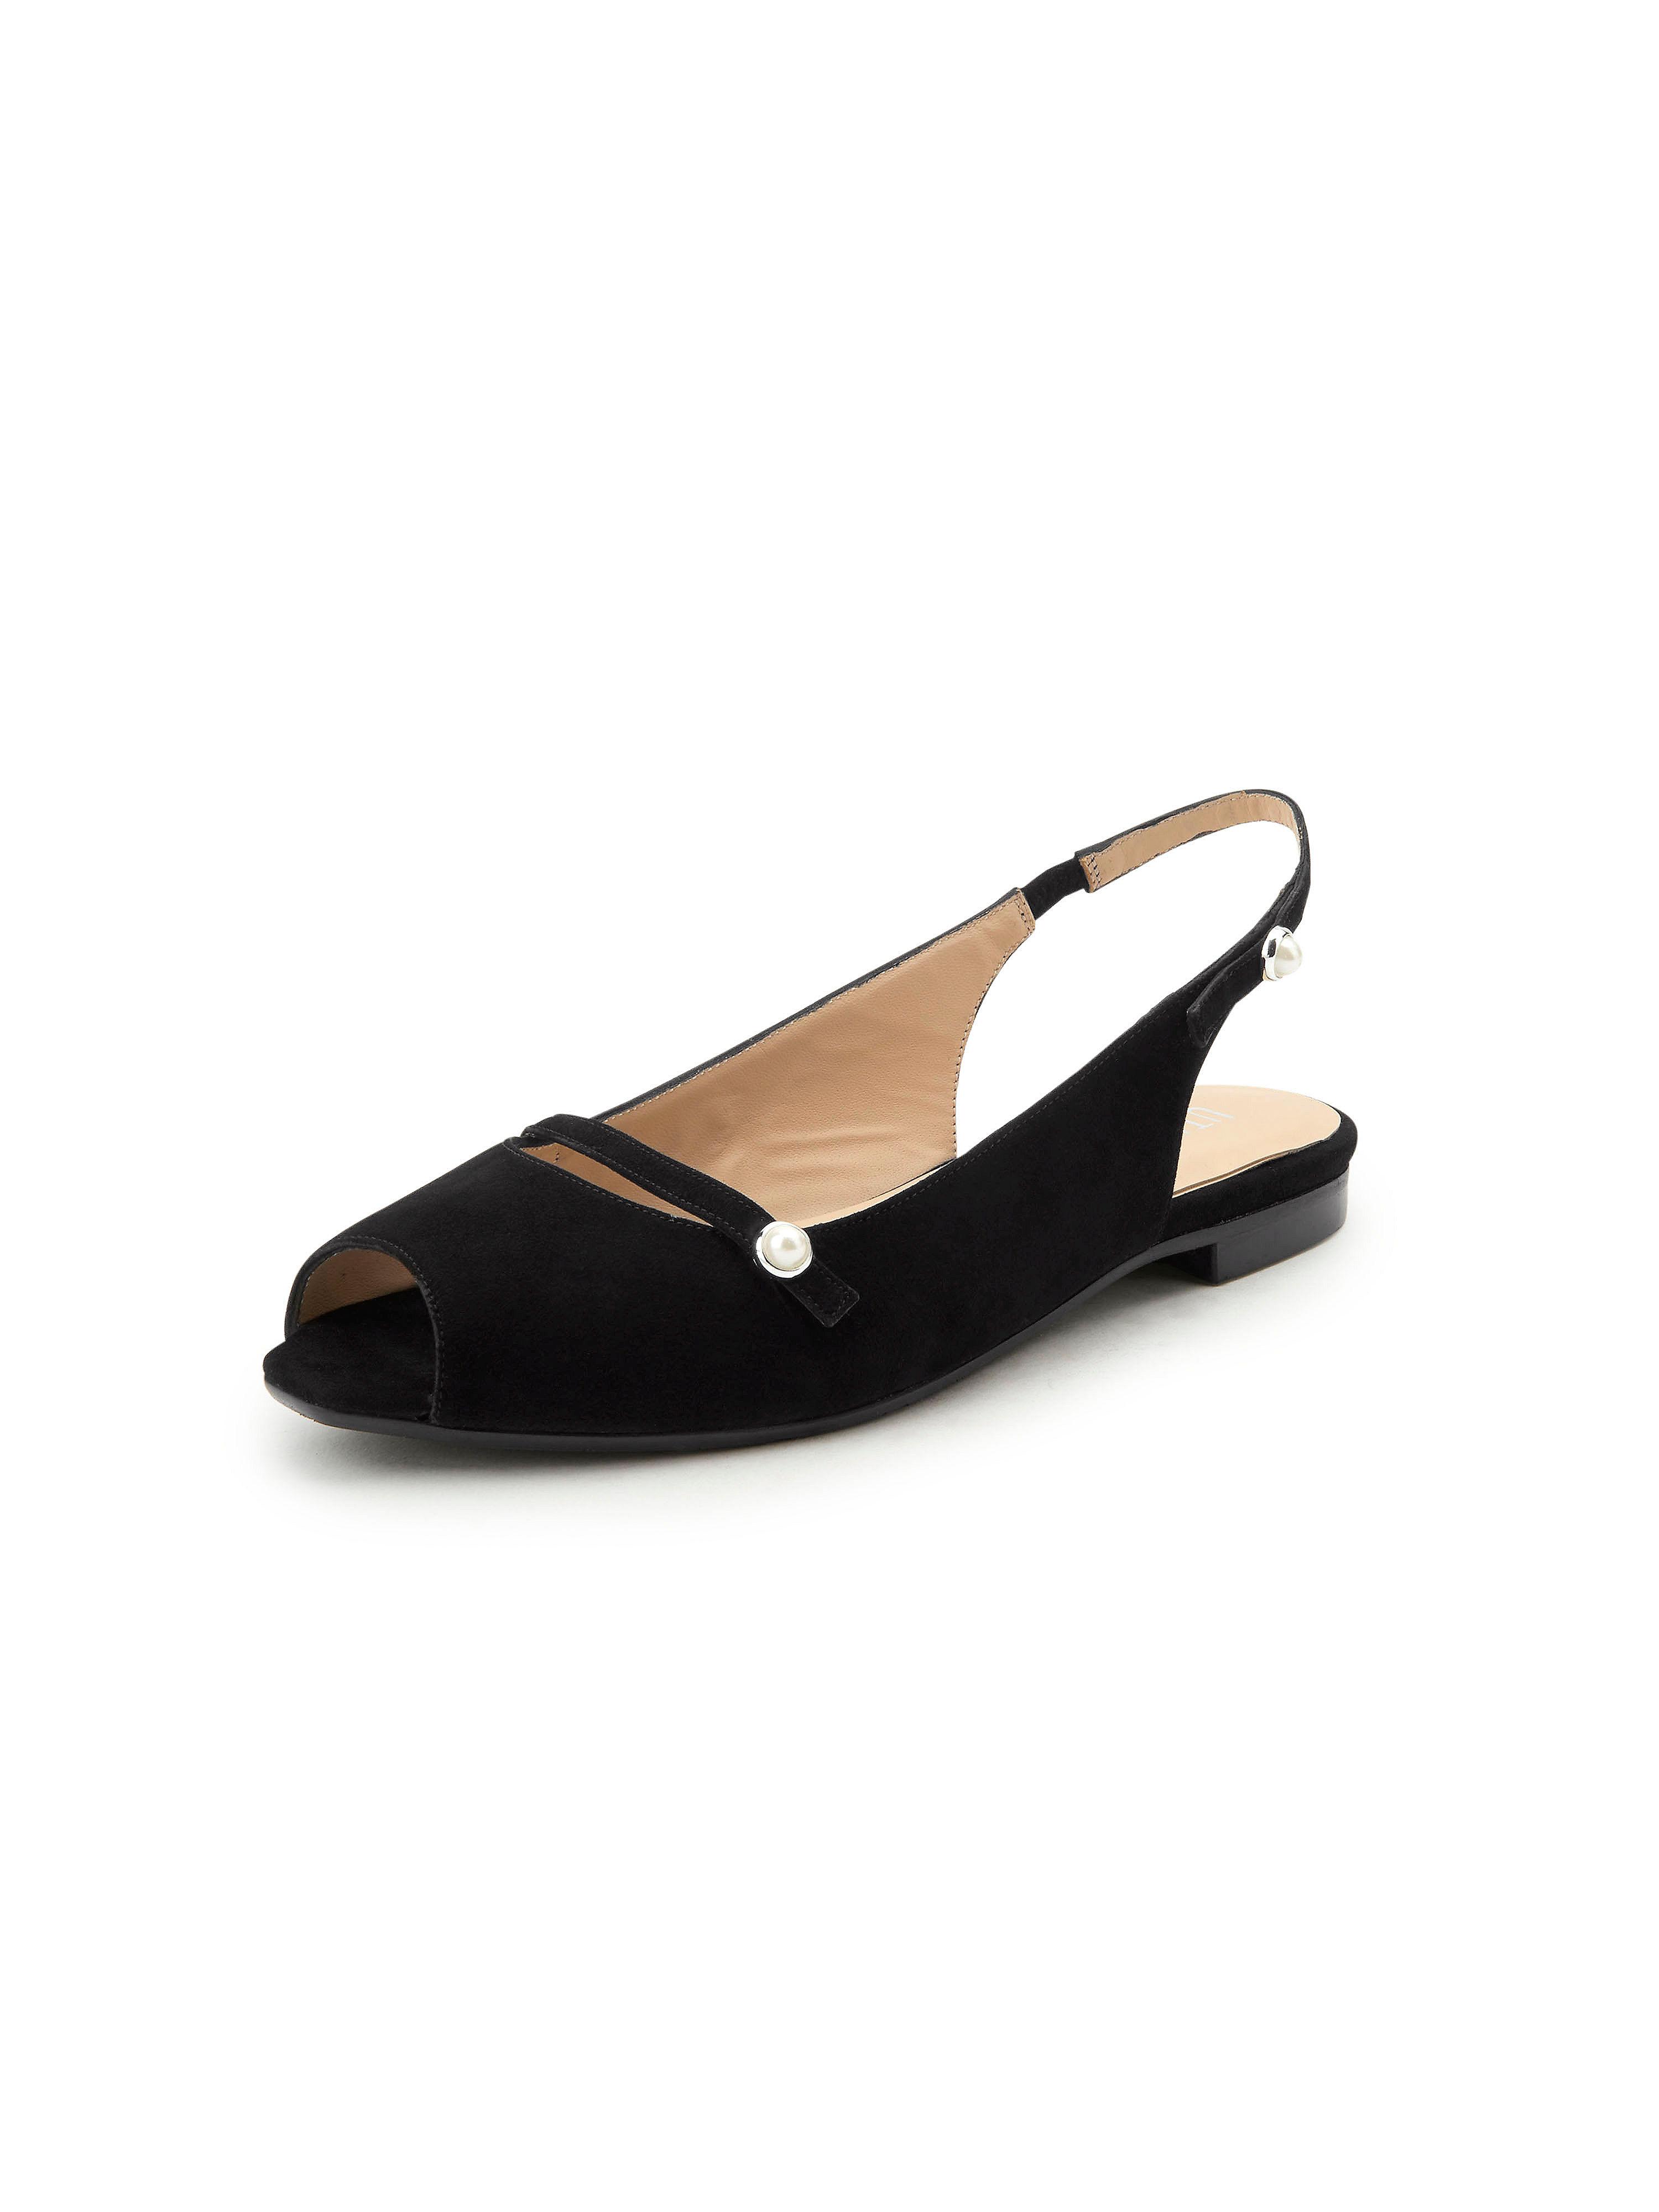 Les sandales  Uta Raasch noir taille 38